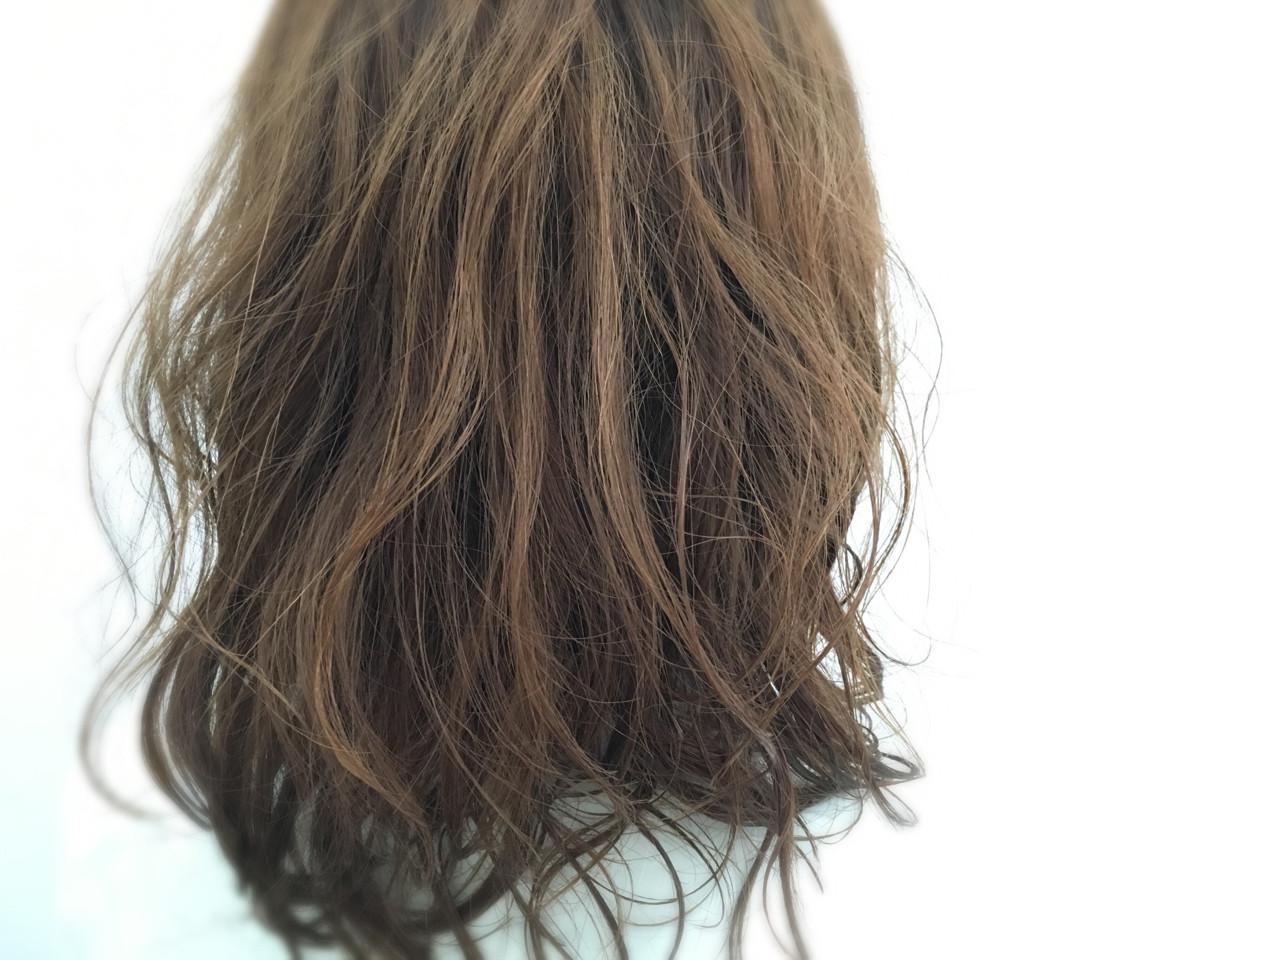 デート セミロング ナチュラル パーマ ヘアスタイルや髪型の写真・画像